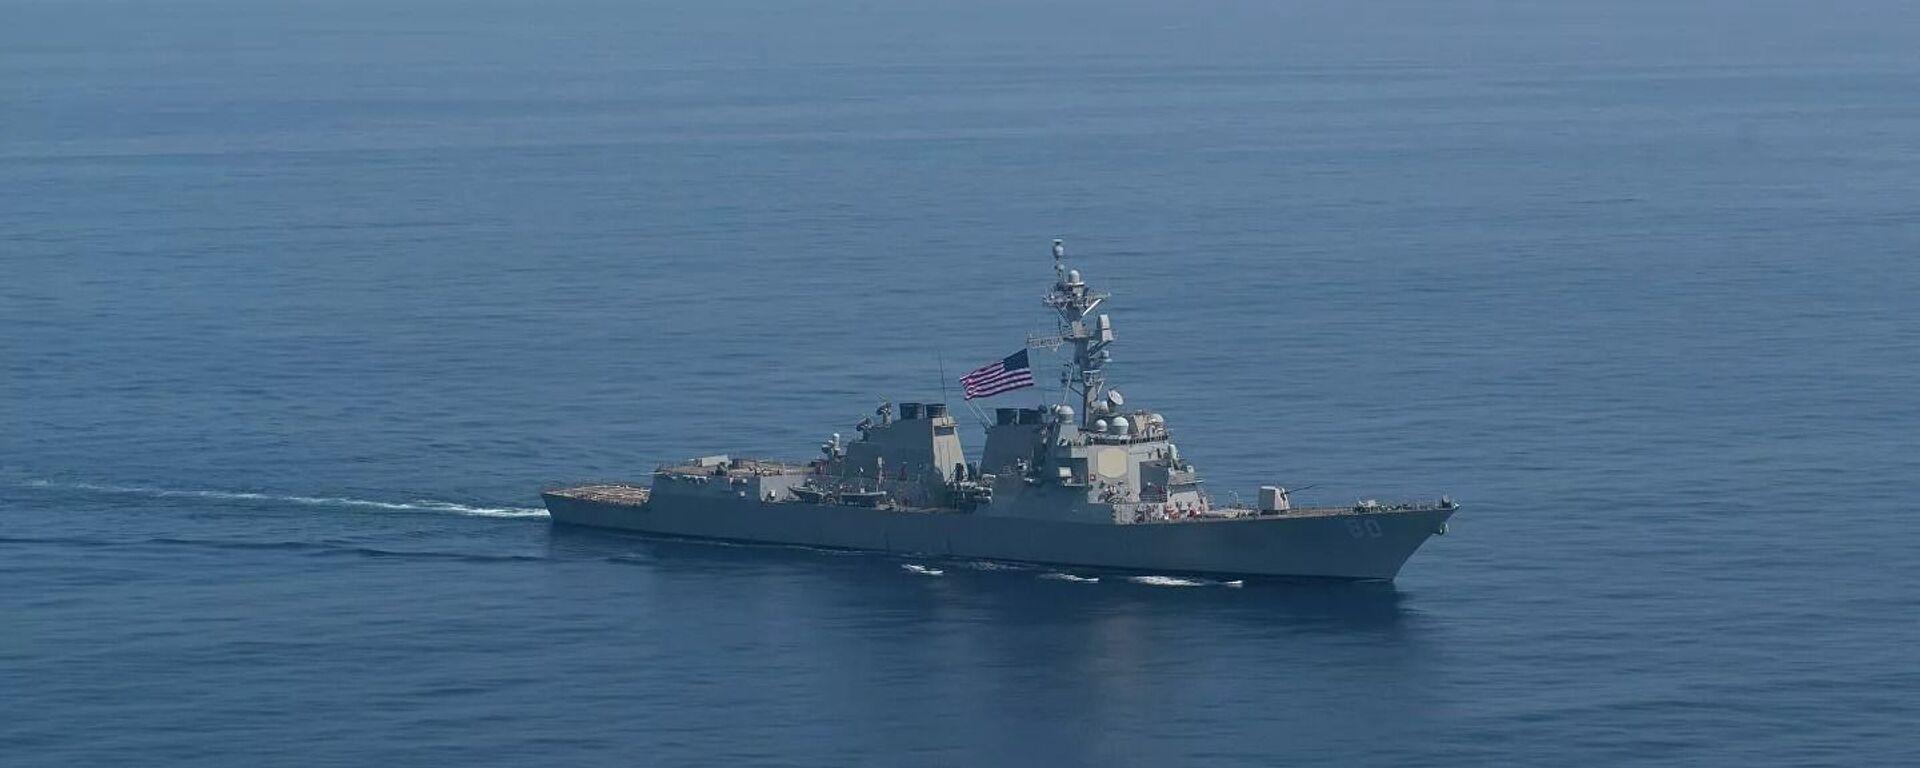 Американский эсминец USS Roosevelt во время транзита в направлении Черного моря - Sputnik Таджикистан, 1920, 26.06.2021